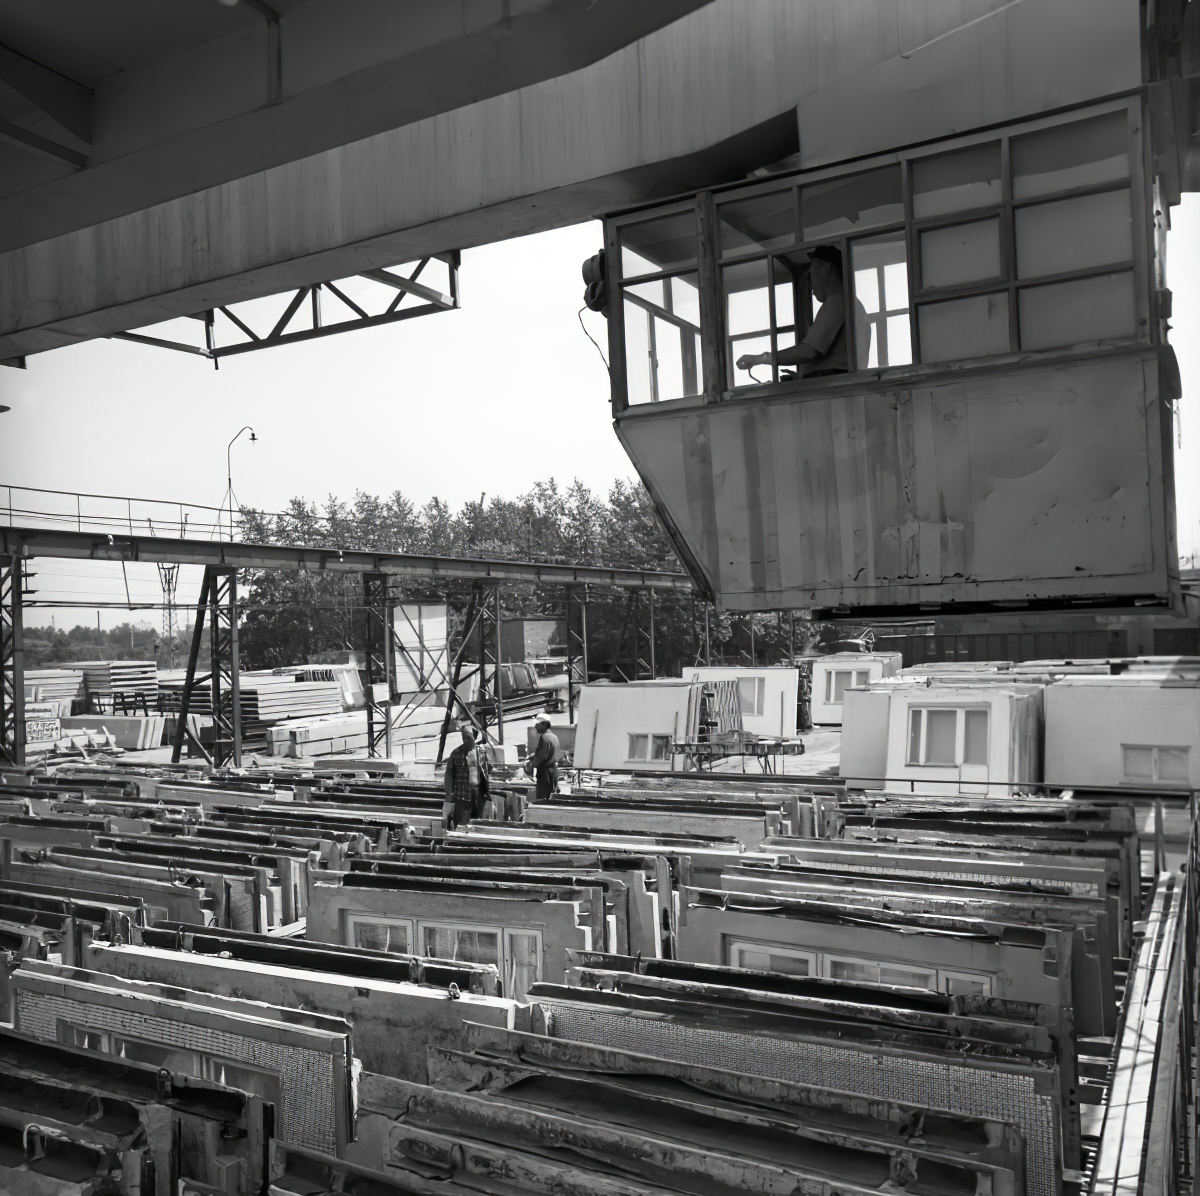 1972 Домостроительный комбинат №2. Склад готовых строительных панелей. Михаил Кухтарев, РИА Новости_cmpk